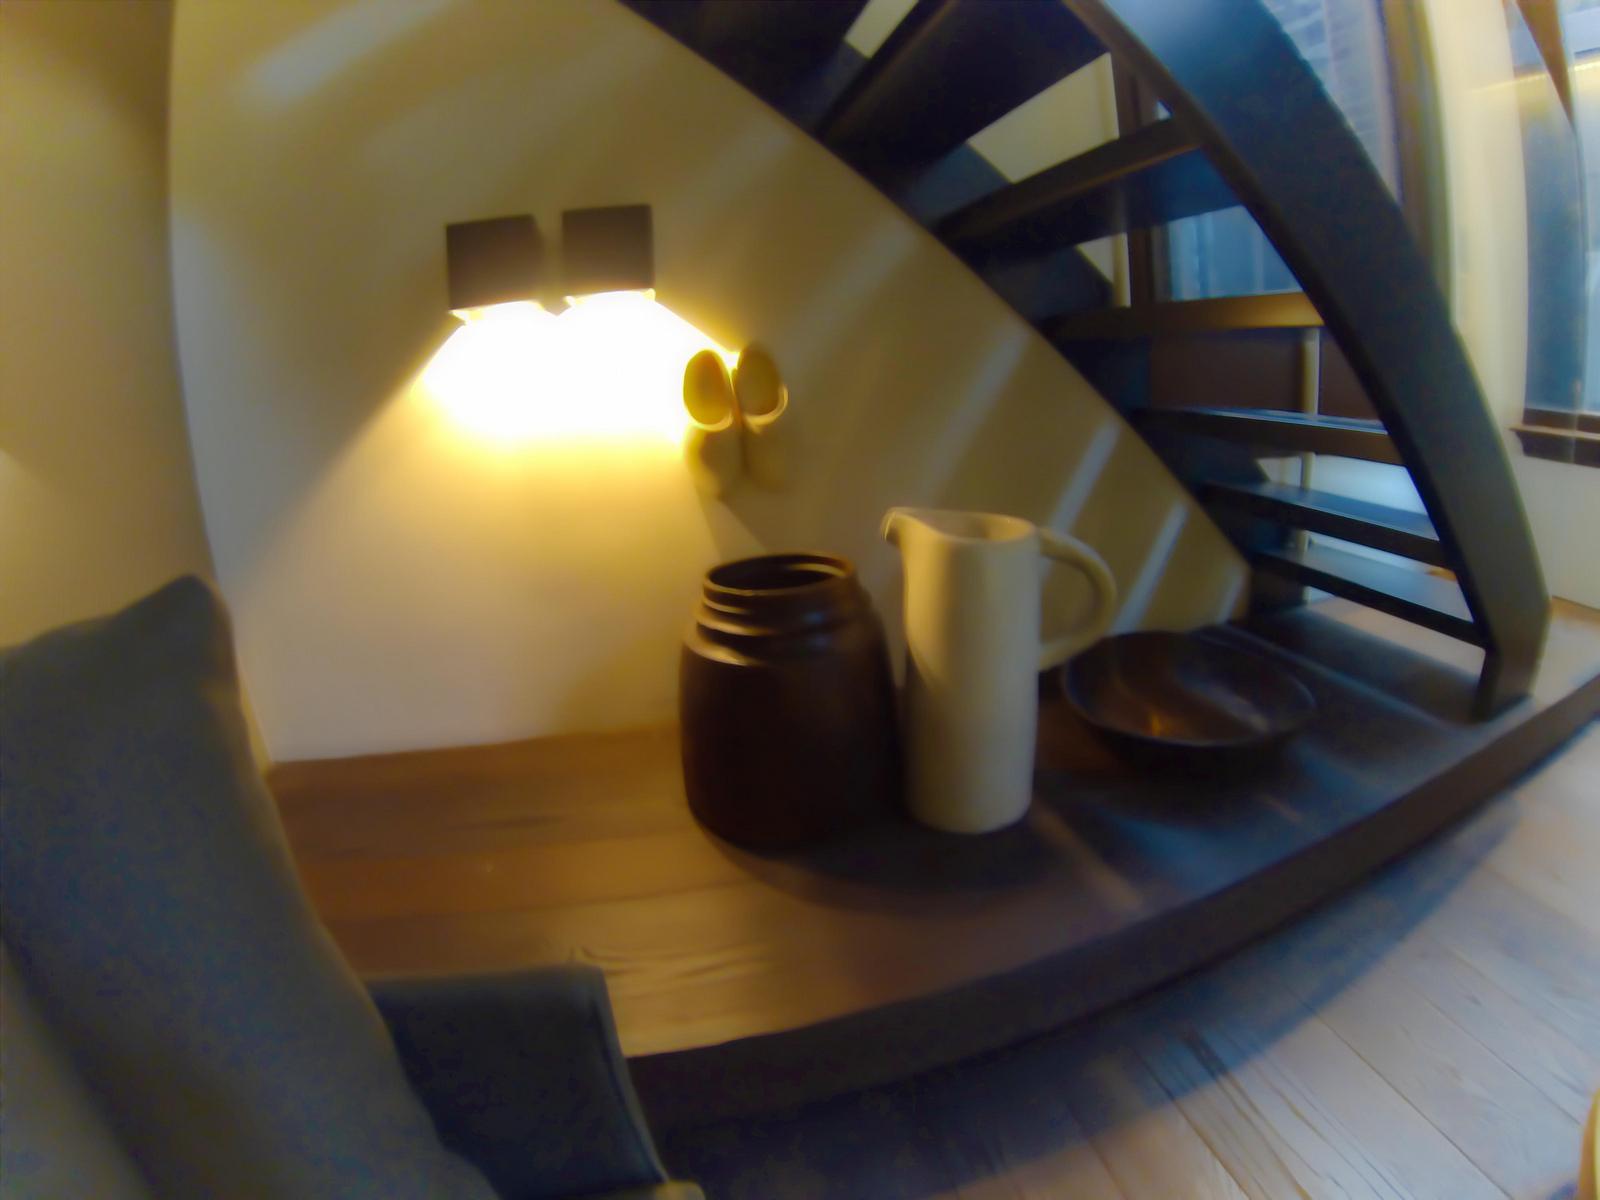 conservatorium-hotel-amsterdam-bottom-level-hotel-room-seating-area-Dutch-tableau-under-stairway.jpg